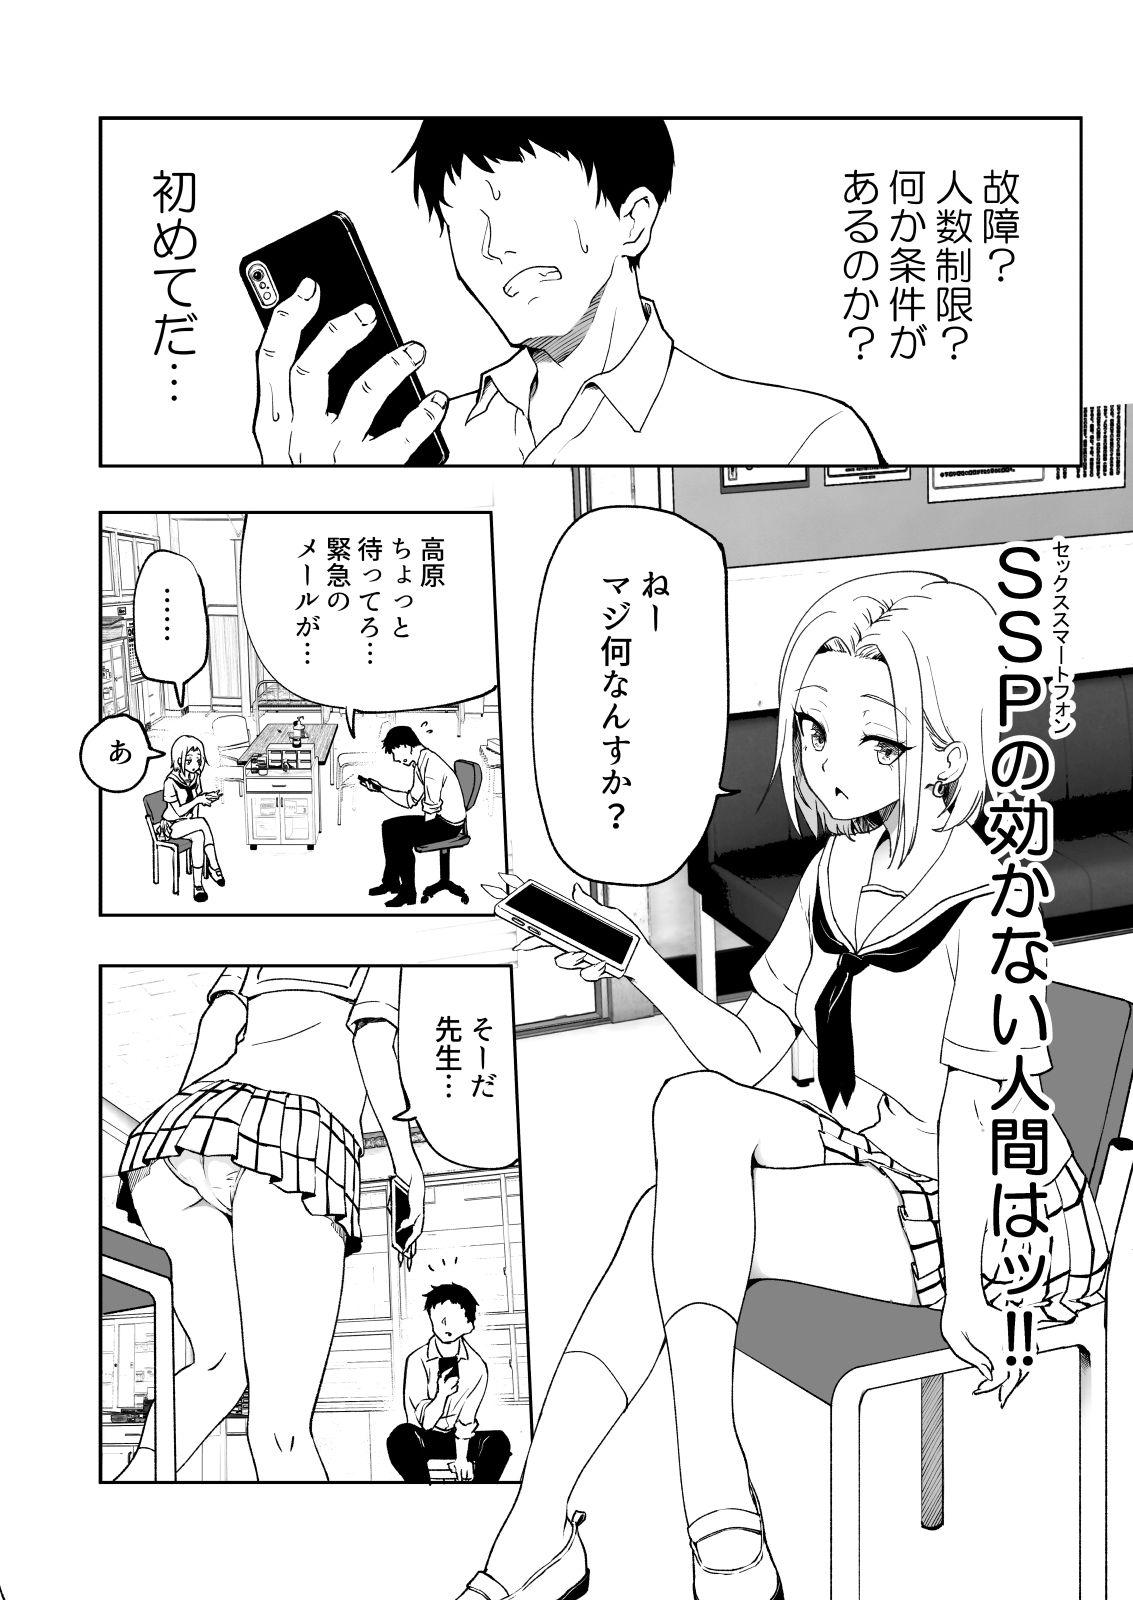 【エロ漫画無料大全集】セックスがしたい! 美少女を犯しまくりたい!! そんな男の欲望を叶えたのは、女の子の心と身体を好き放題に操れるスマホアプリだった!?